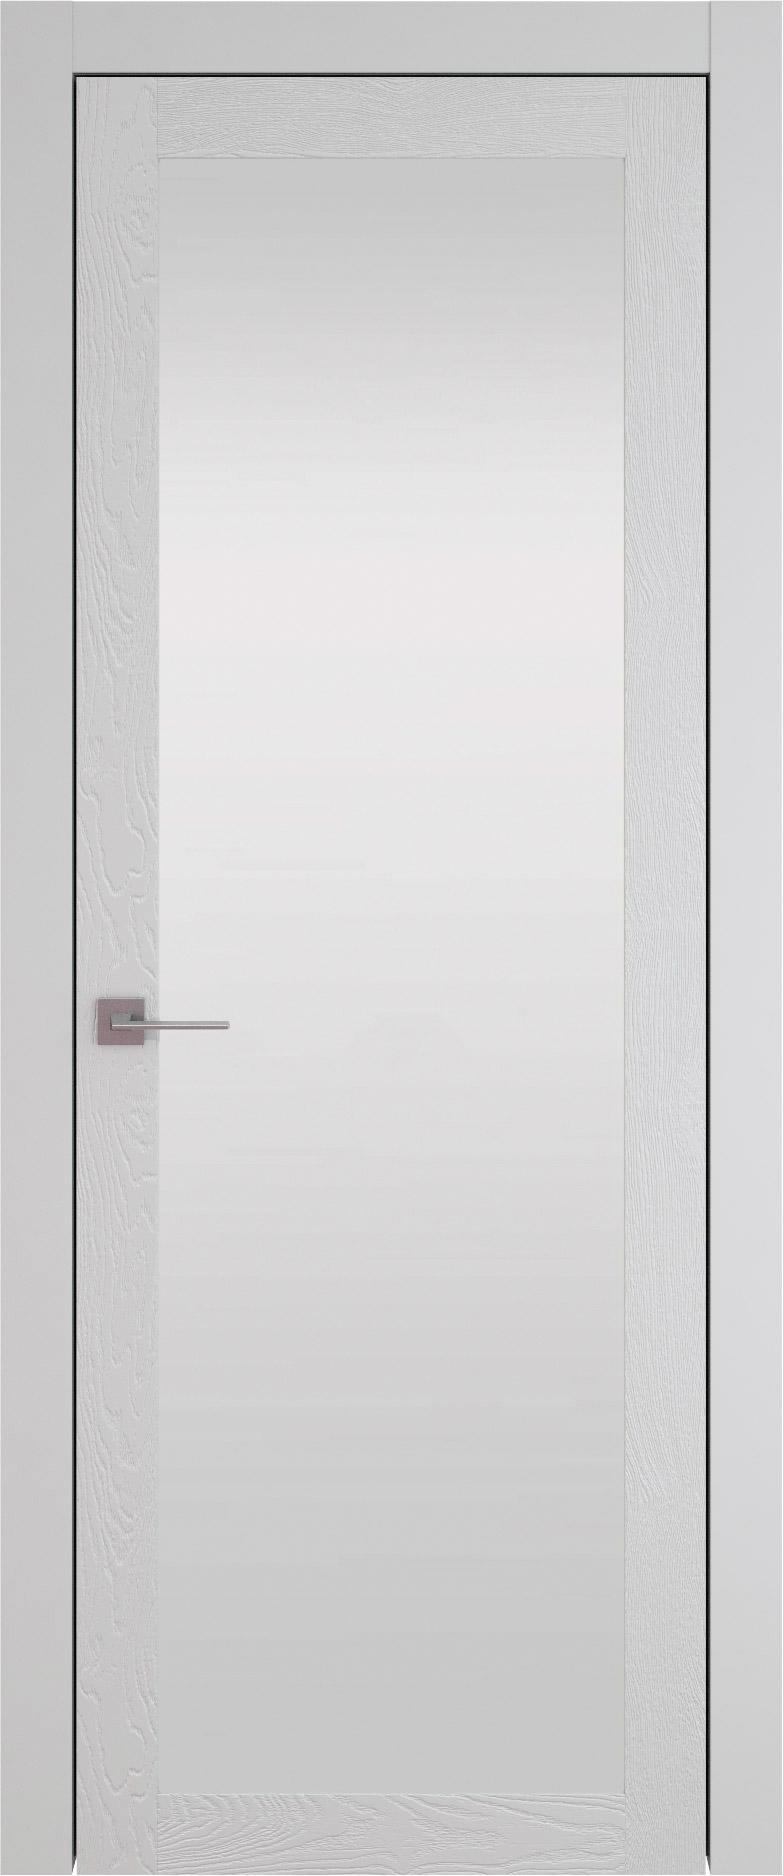 Tivoli З-1 цвет - Серая эмаль по шпону (RAL 7047) Со стеклом (ДО)